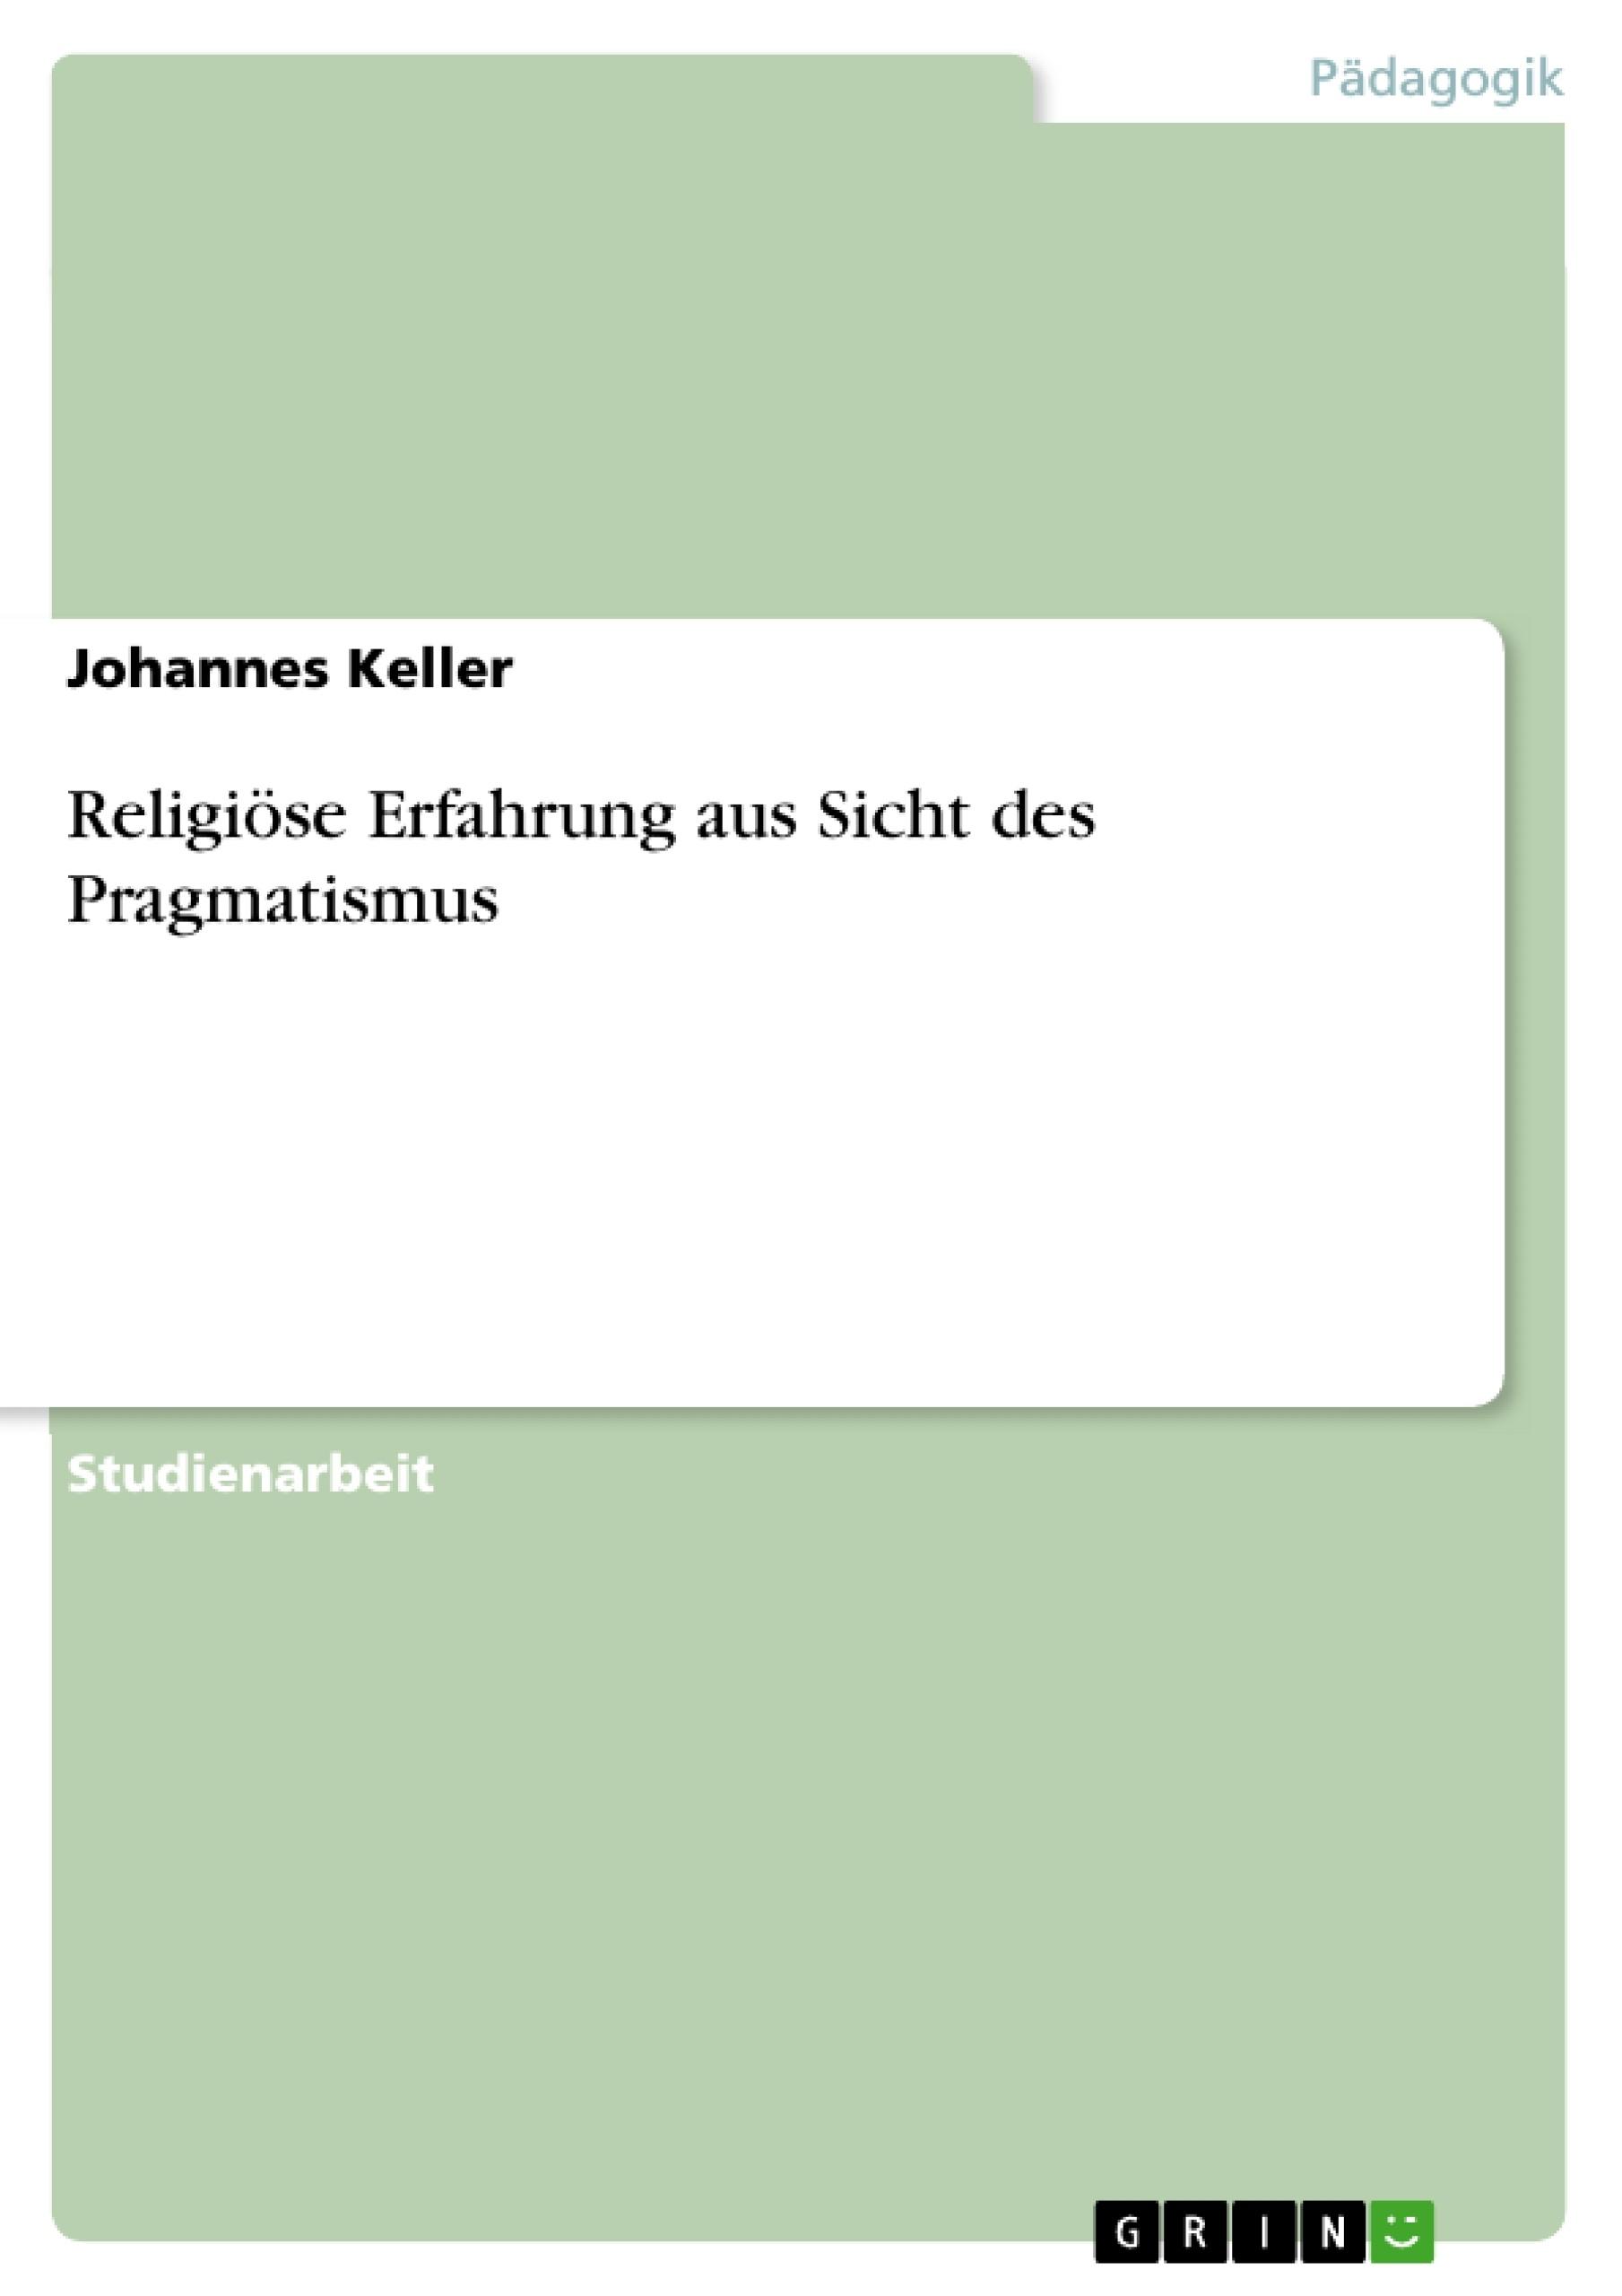 Titel: Religiöse Erfahrung aus Sicht des Pragmatismus